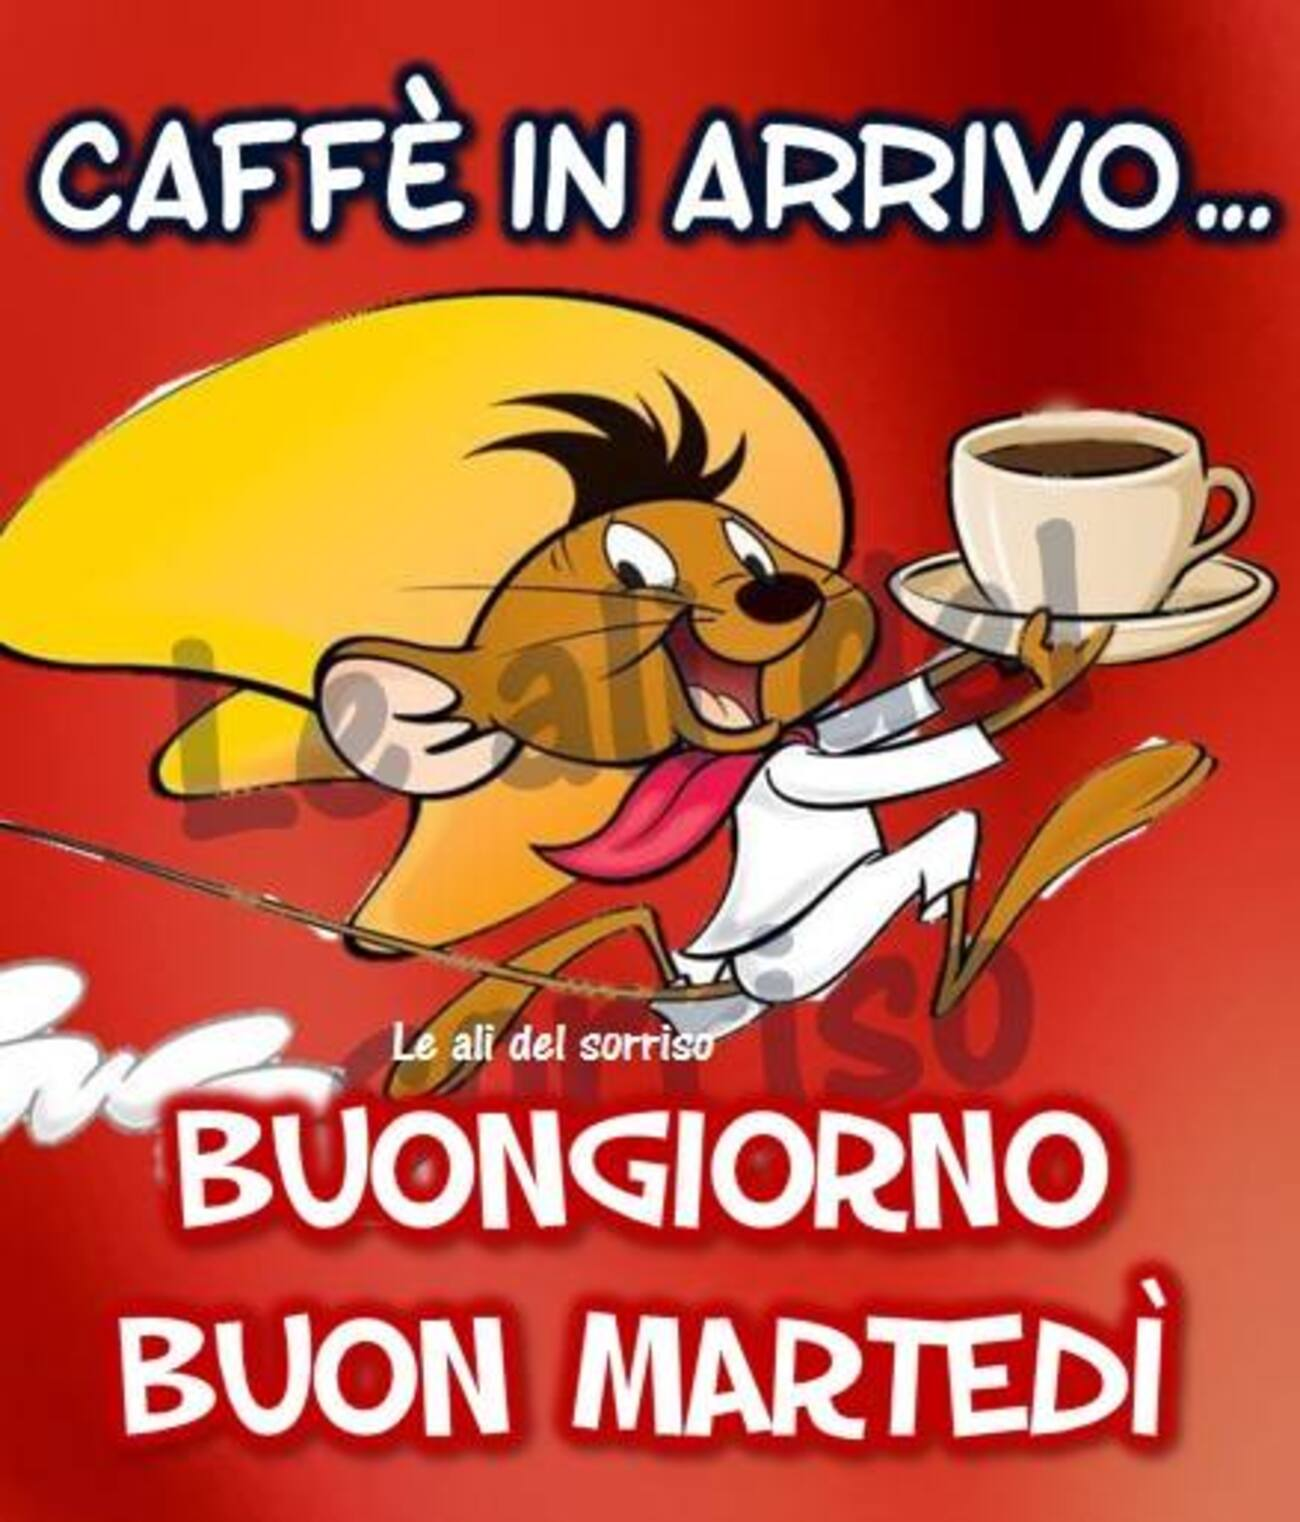 Caffè in arrivo...Buongiorno Buon Martedì